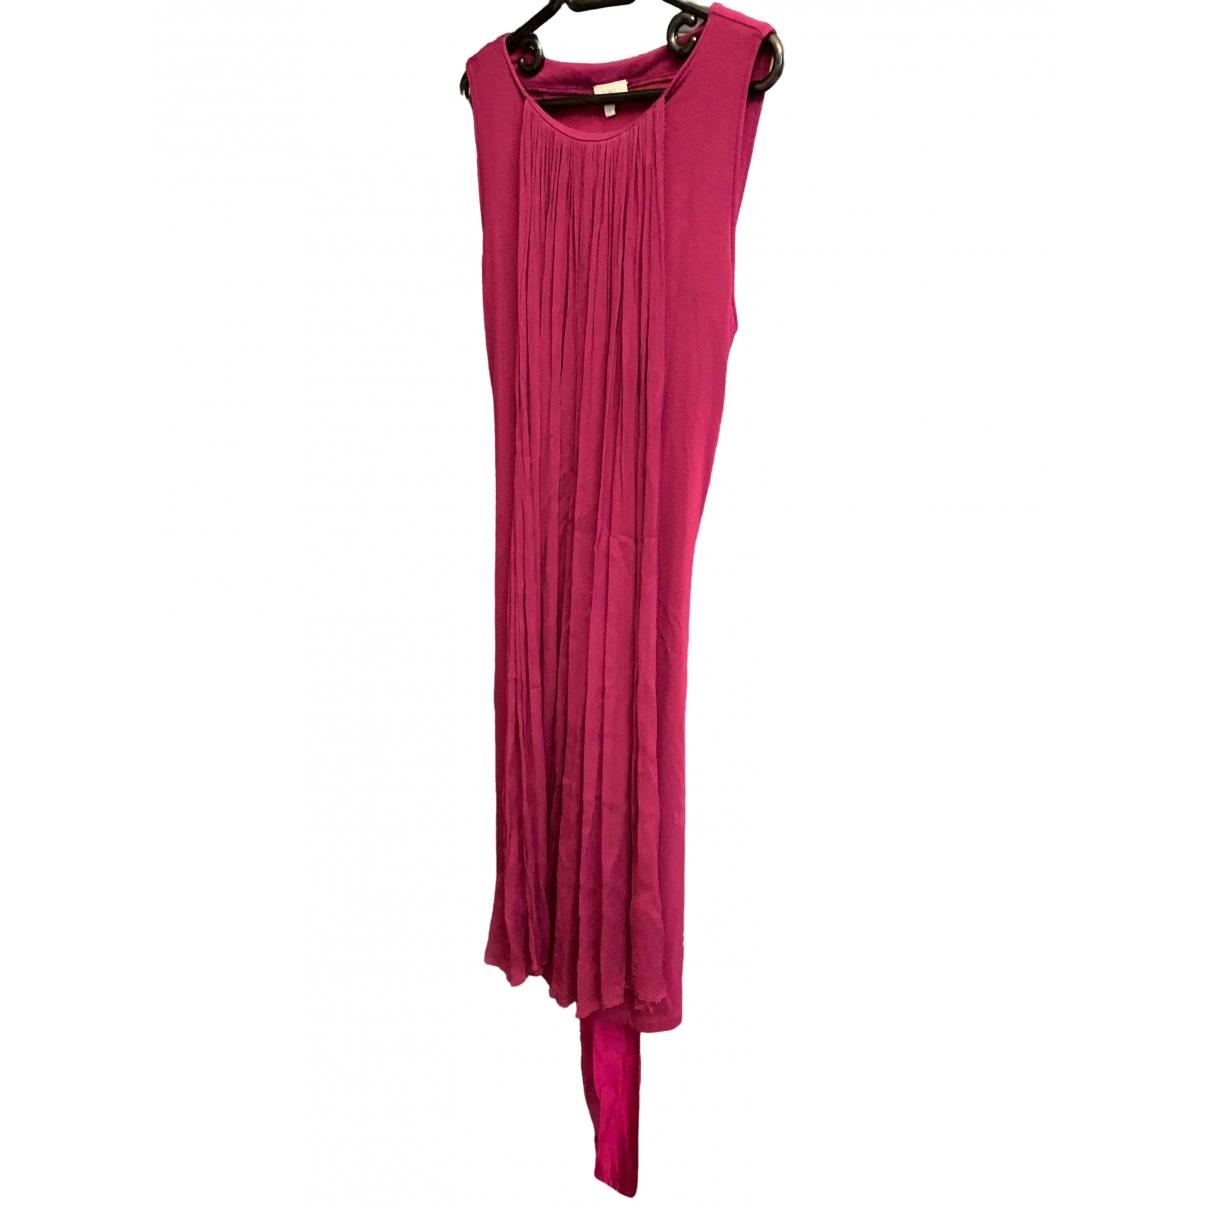 Hoss Intropia - Robe   pour femme en soie - violet